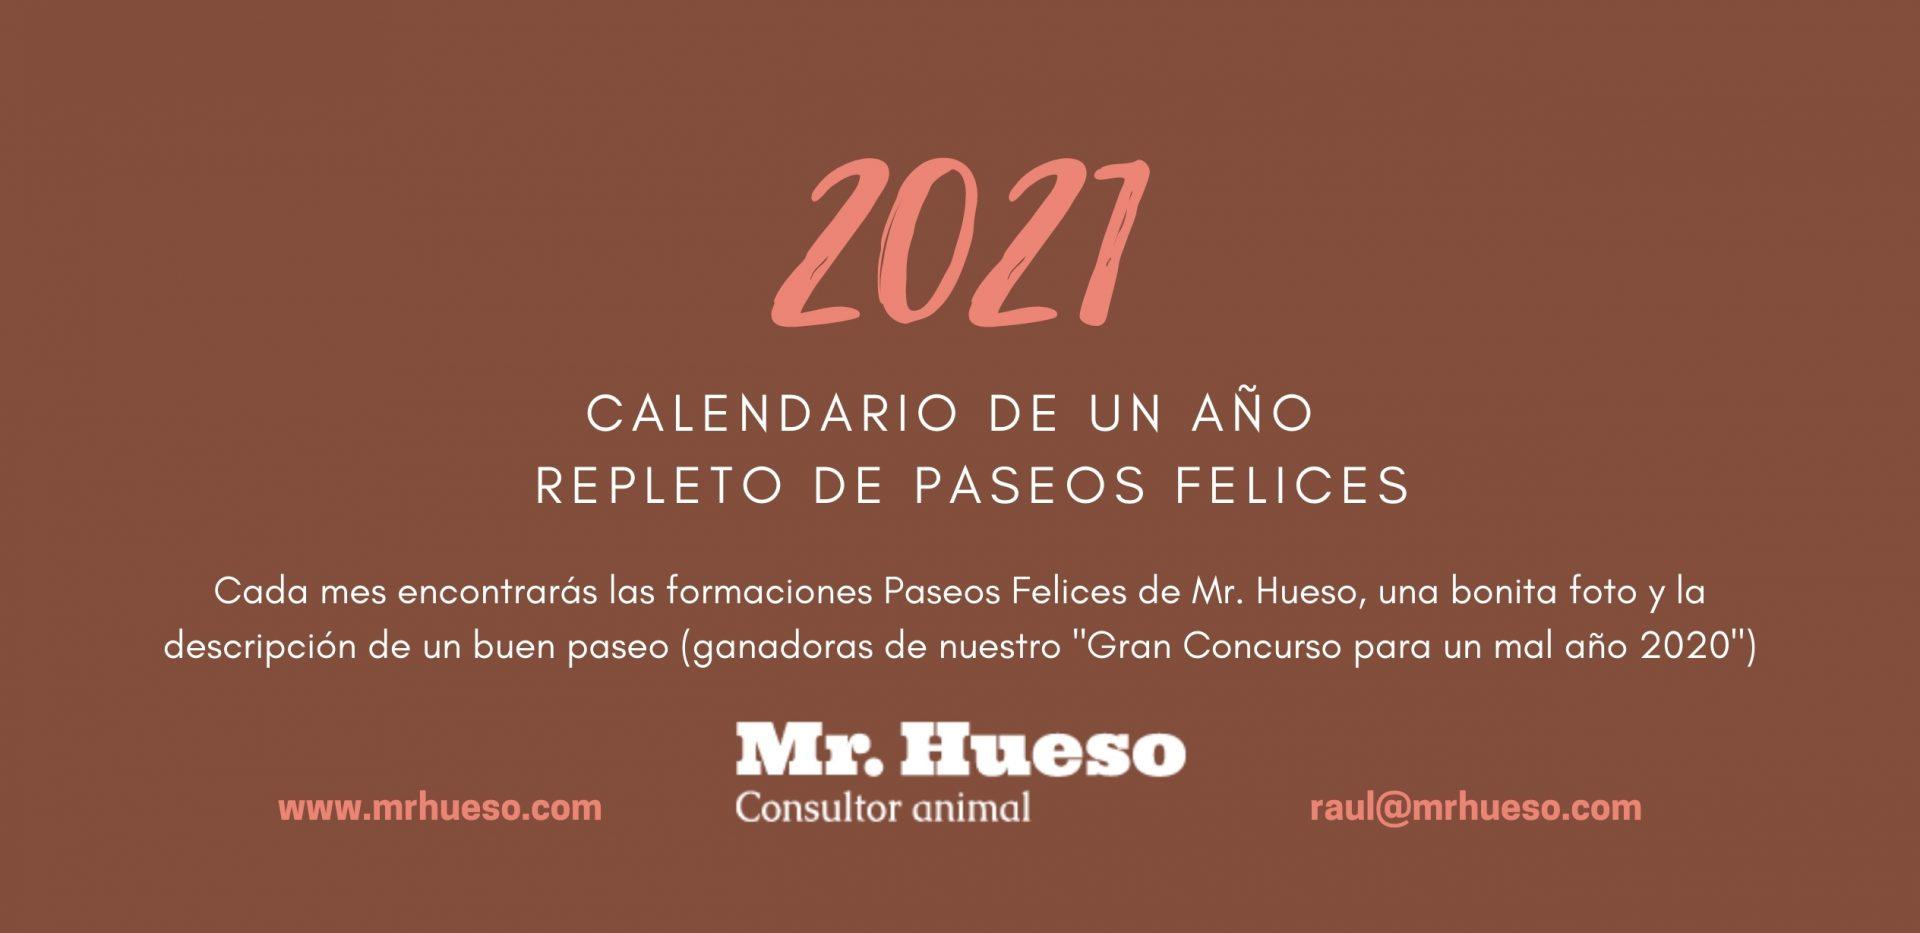 Portada Calendario Mr. Hueso 2021, dice 2021 calendario de un año repleto de paseos felices